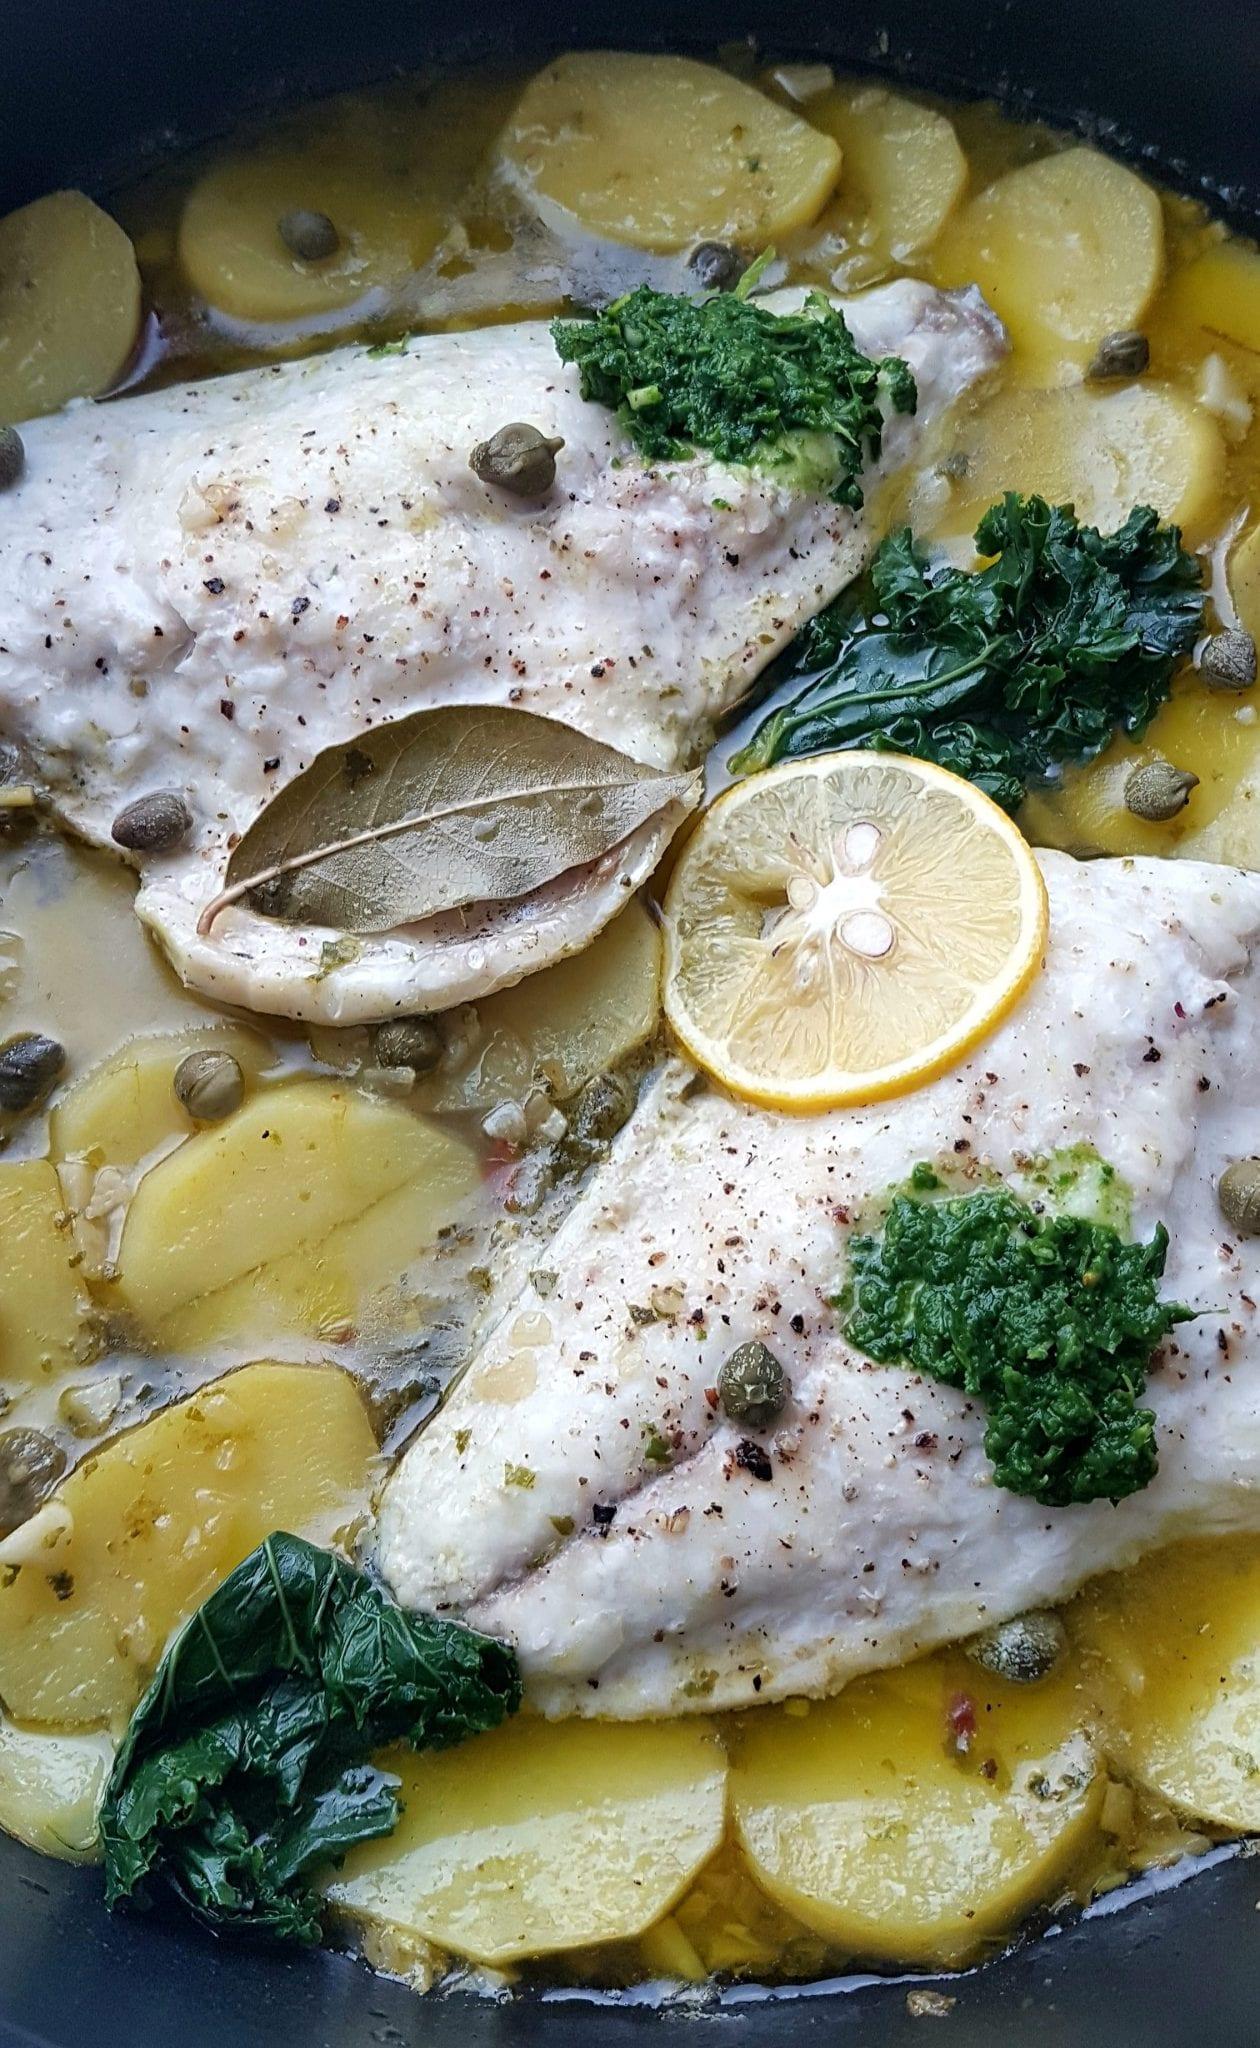 Fina, osvježavajuća marinada od limuna i maslinovog ulja učinit će.